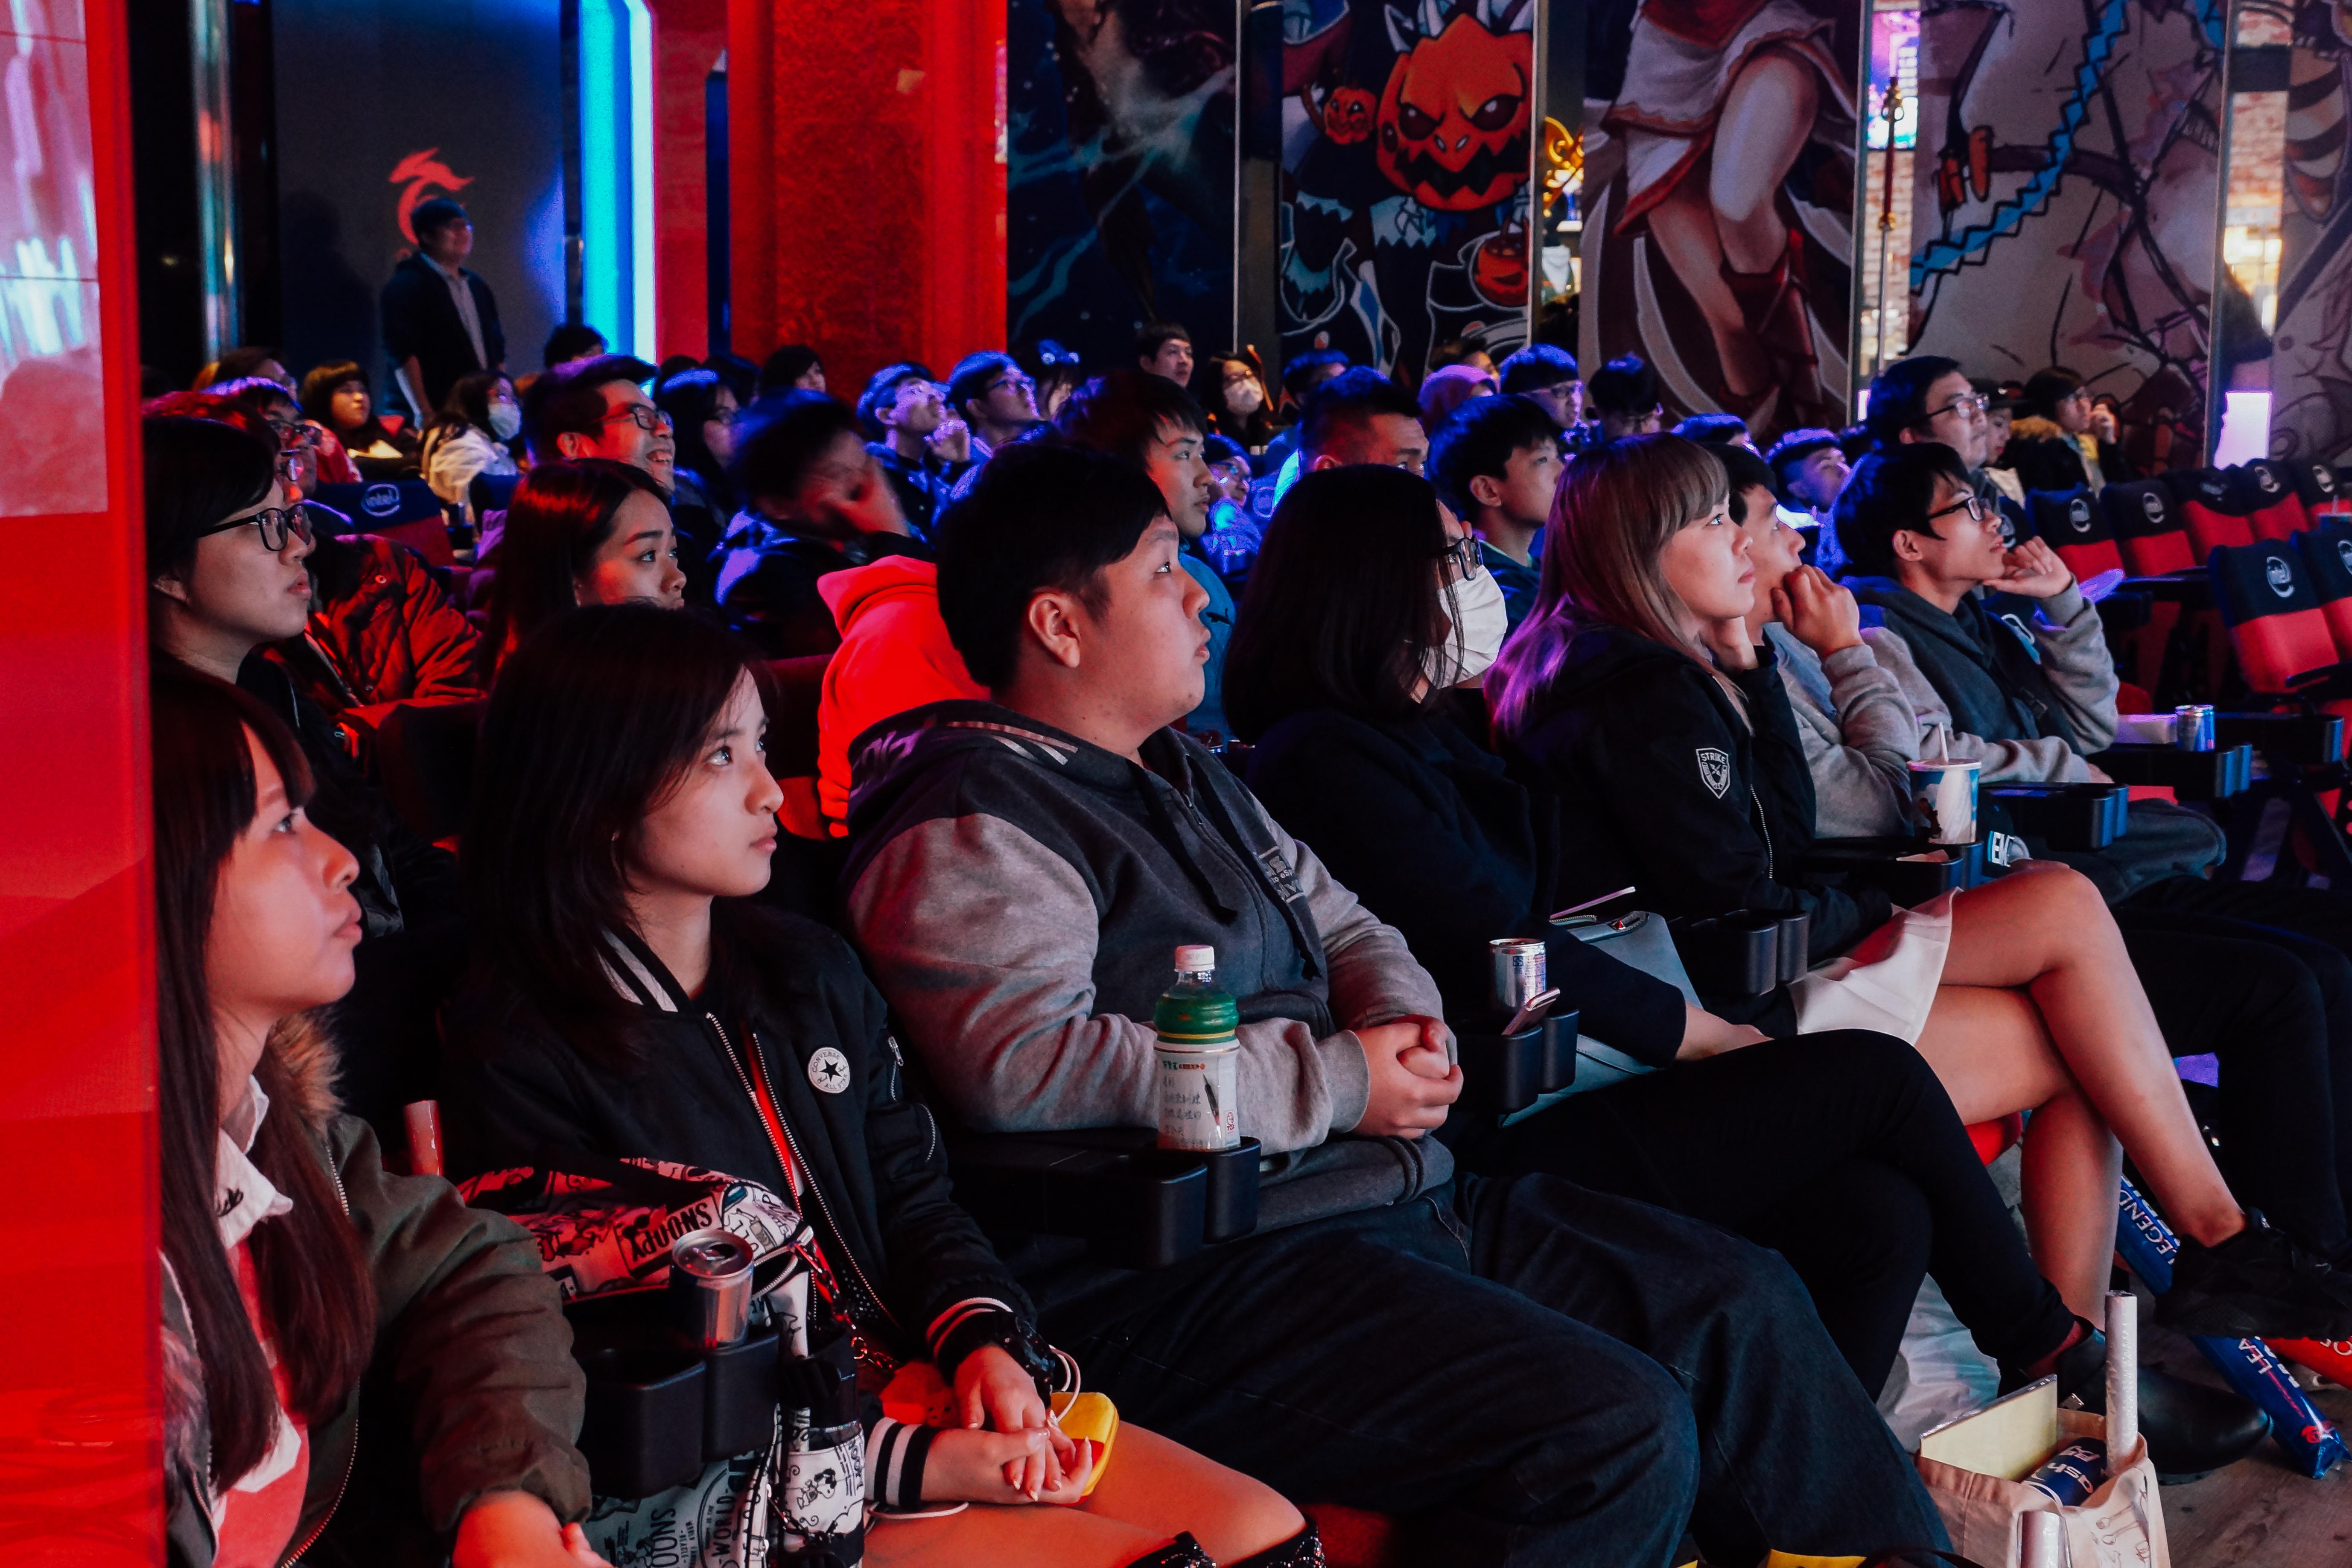 各項電競賽事熱門程度也日益增加,圖為電競粉絲們在春季聯賽現場觀看比賽。攝影/潘姿穎